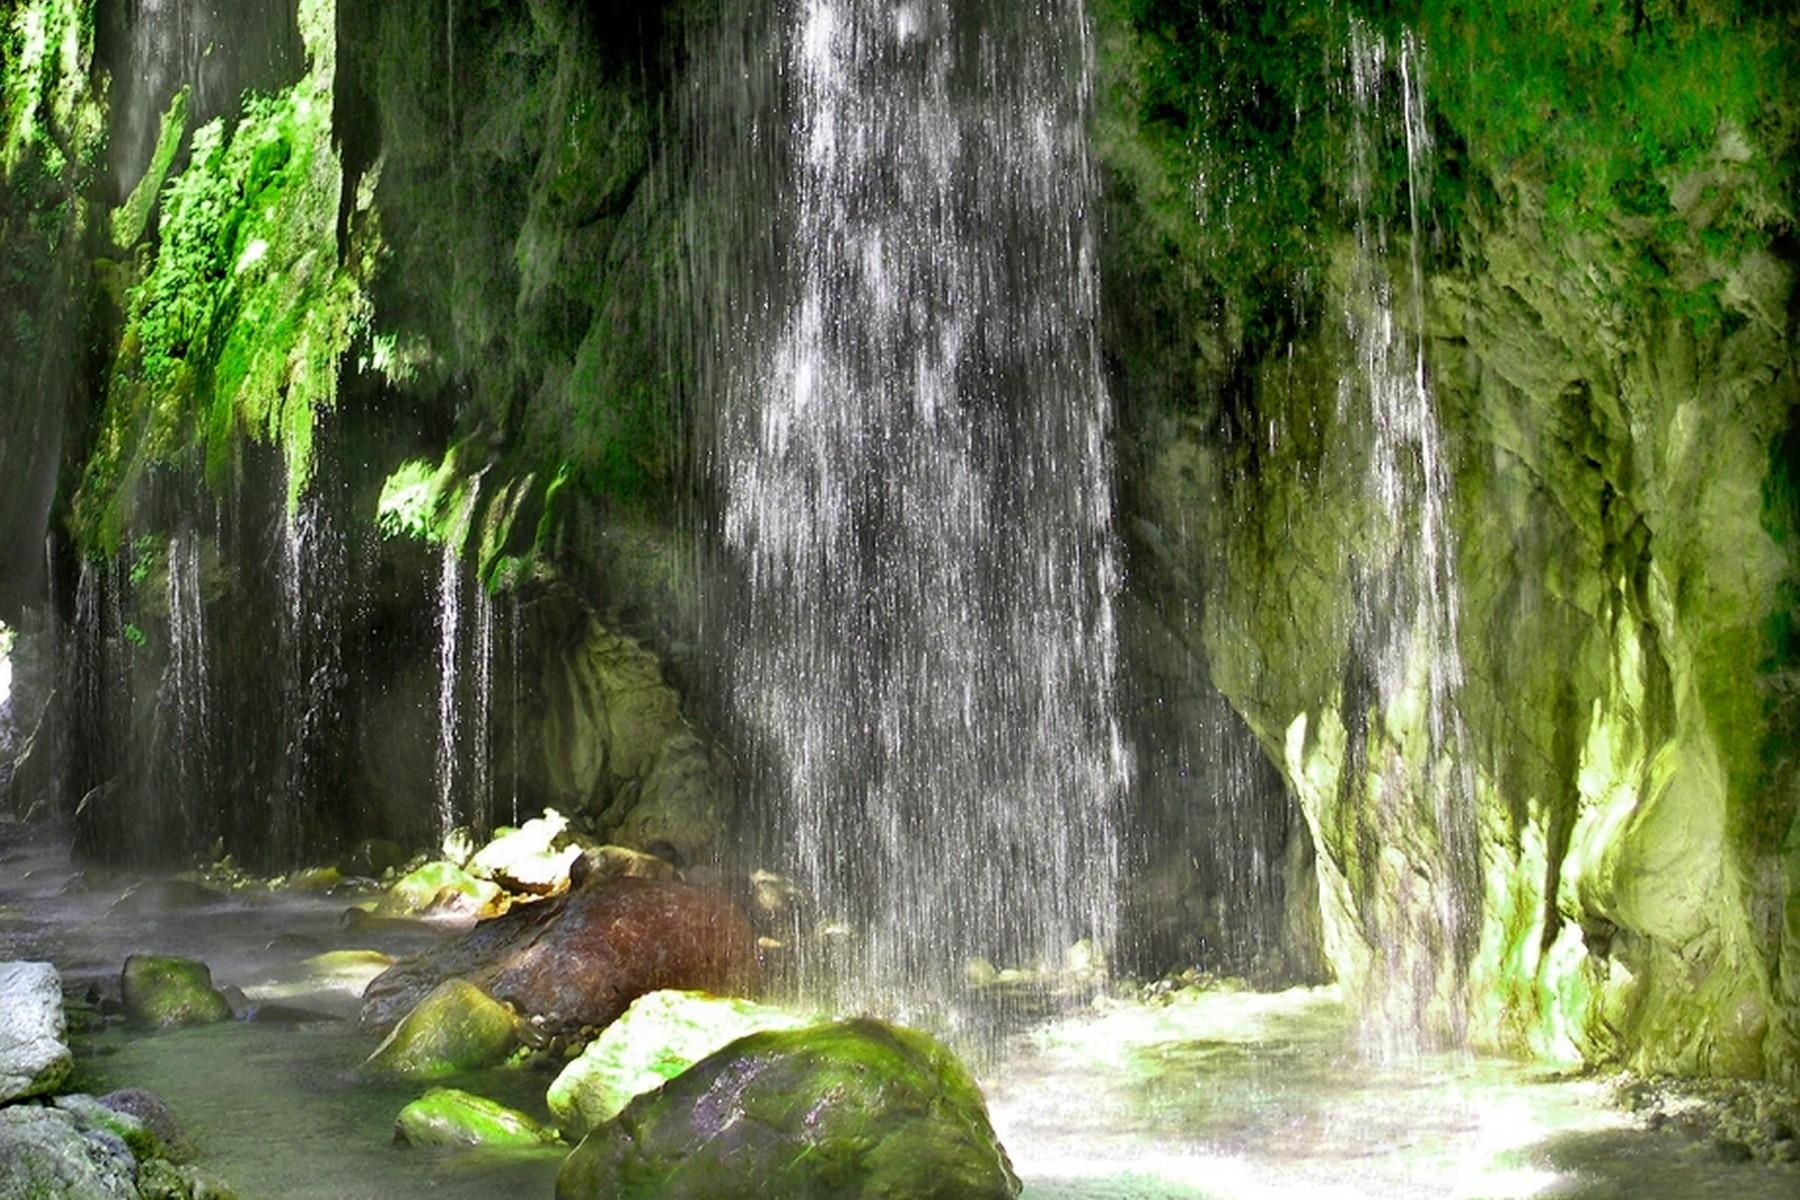 壁纸 风景 旅游 瀑布 山水 桌面 1800_1200